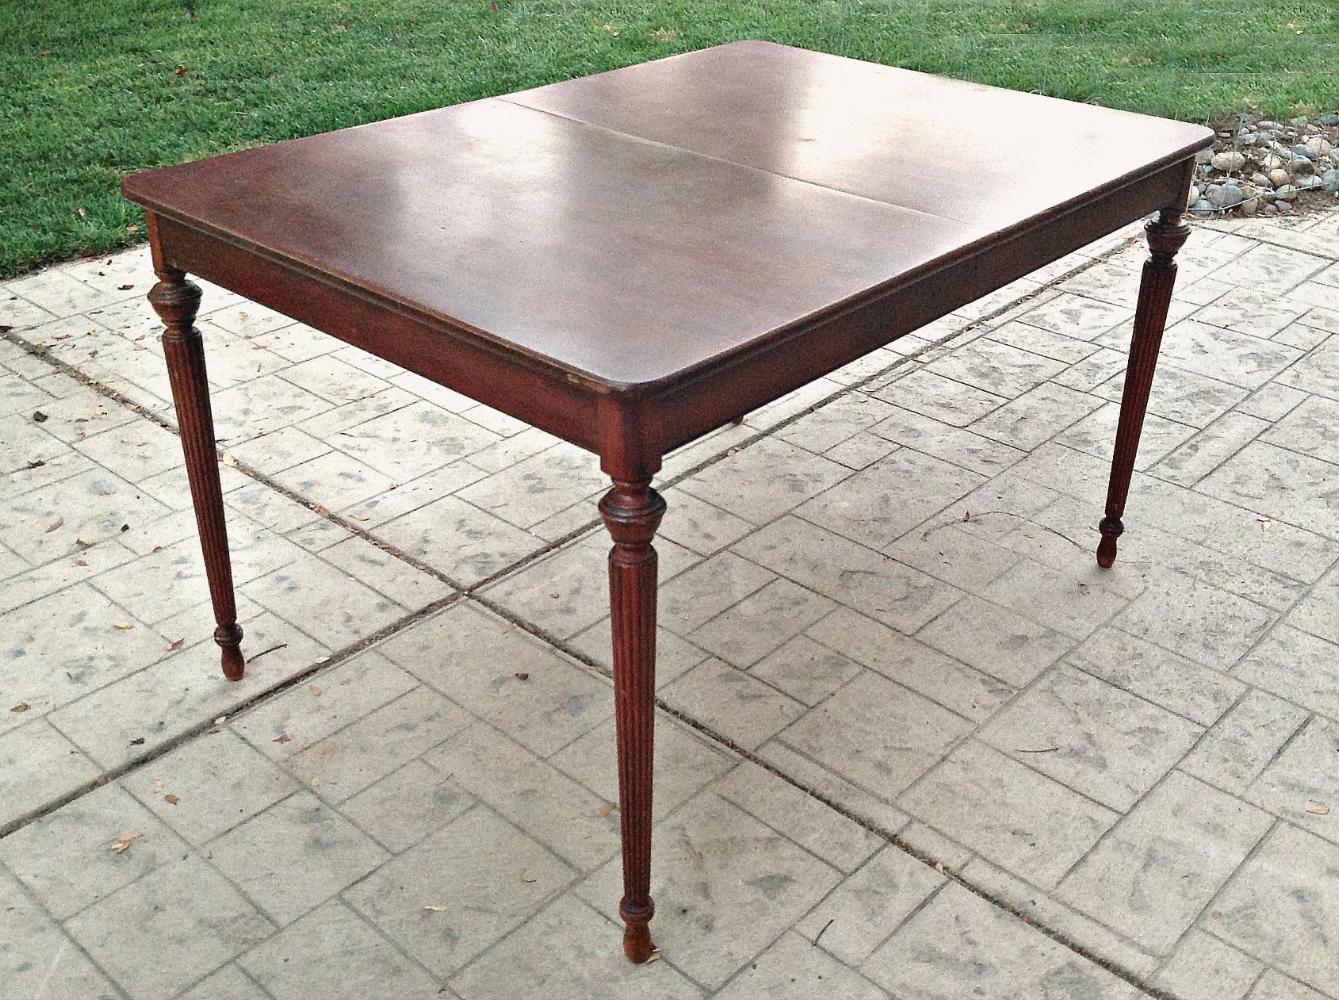 Reeded Sweetheart Table1.jpg